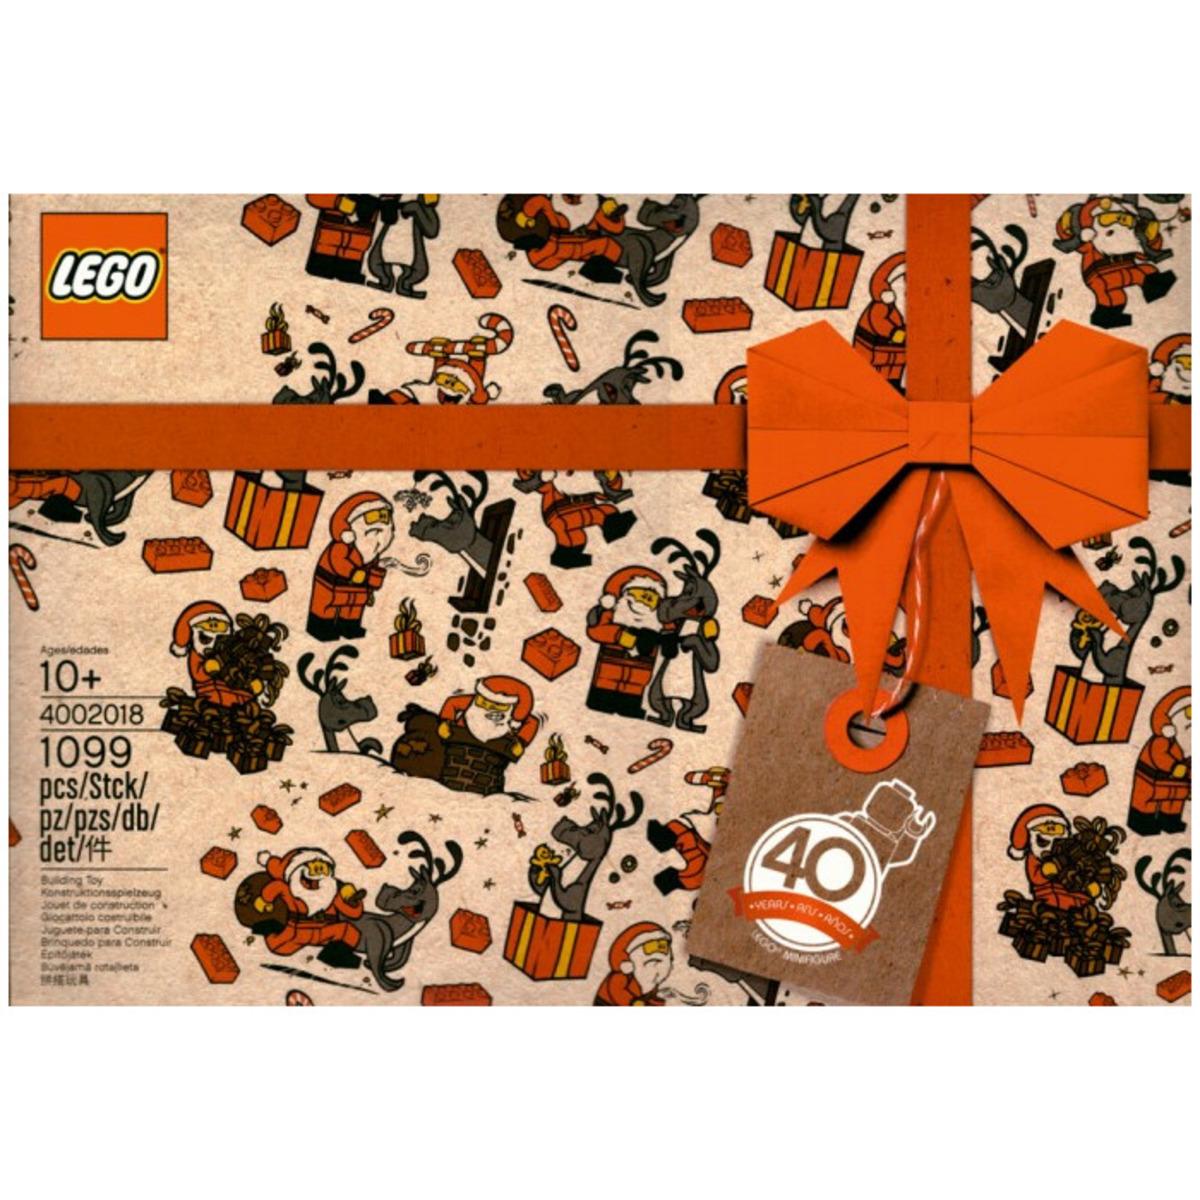 LEGO 4002018 Kladno factory